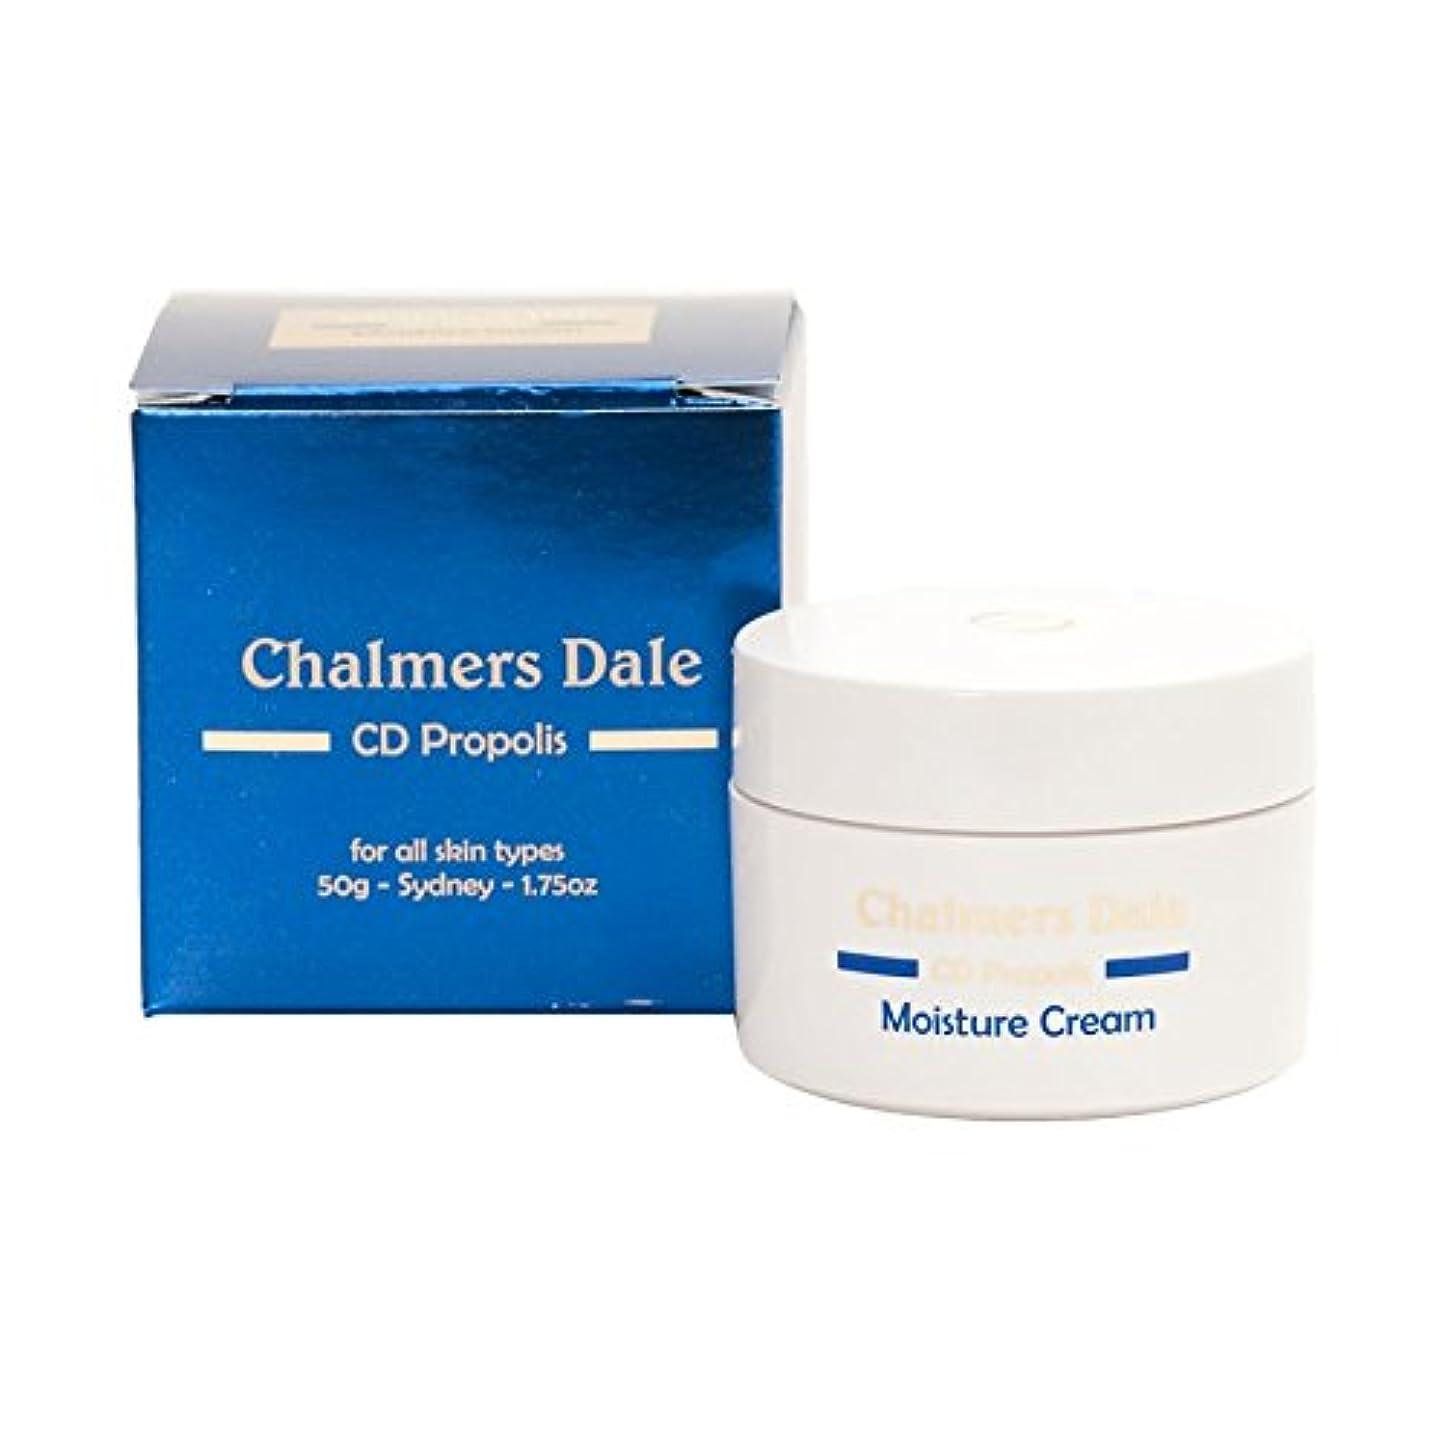 ぶどう平和的谷プロポリスクリーム 50g 清潔な肌 敏感肌 保湿作用 しっとり肌 【海外直送品】